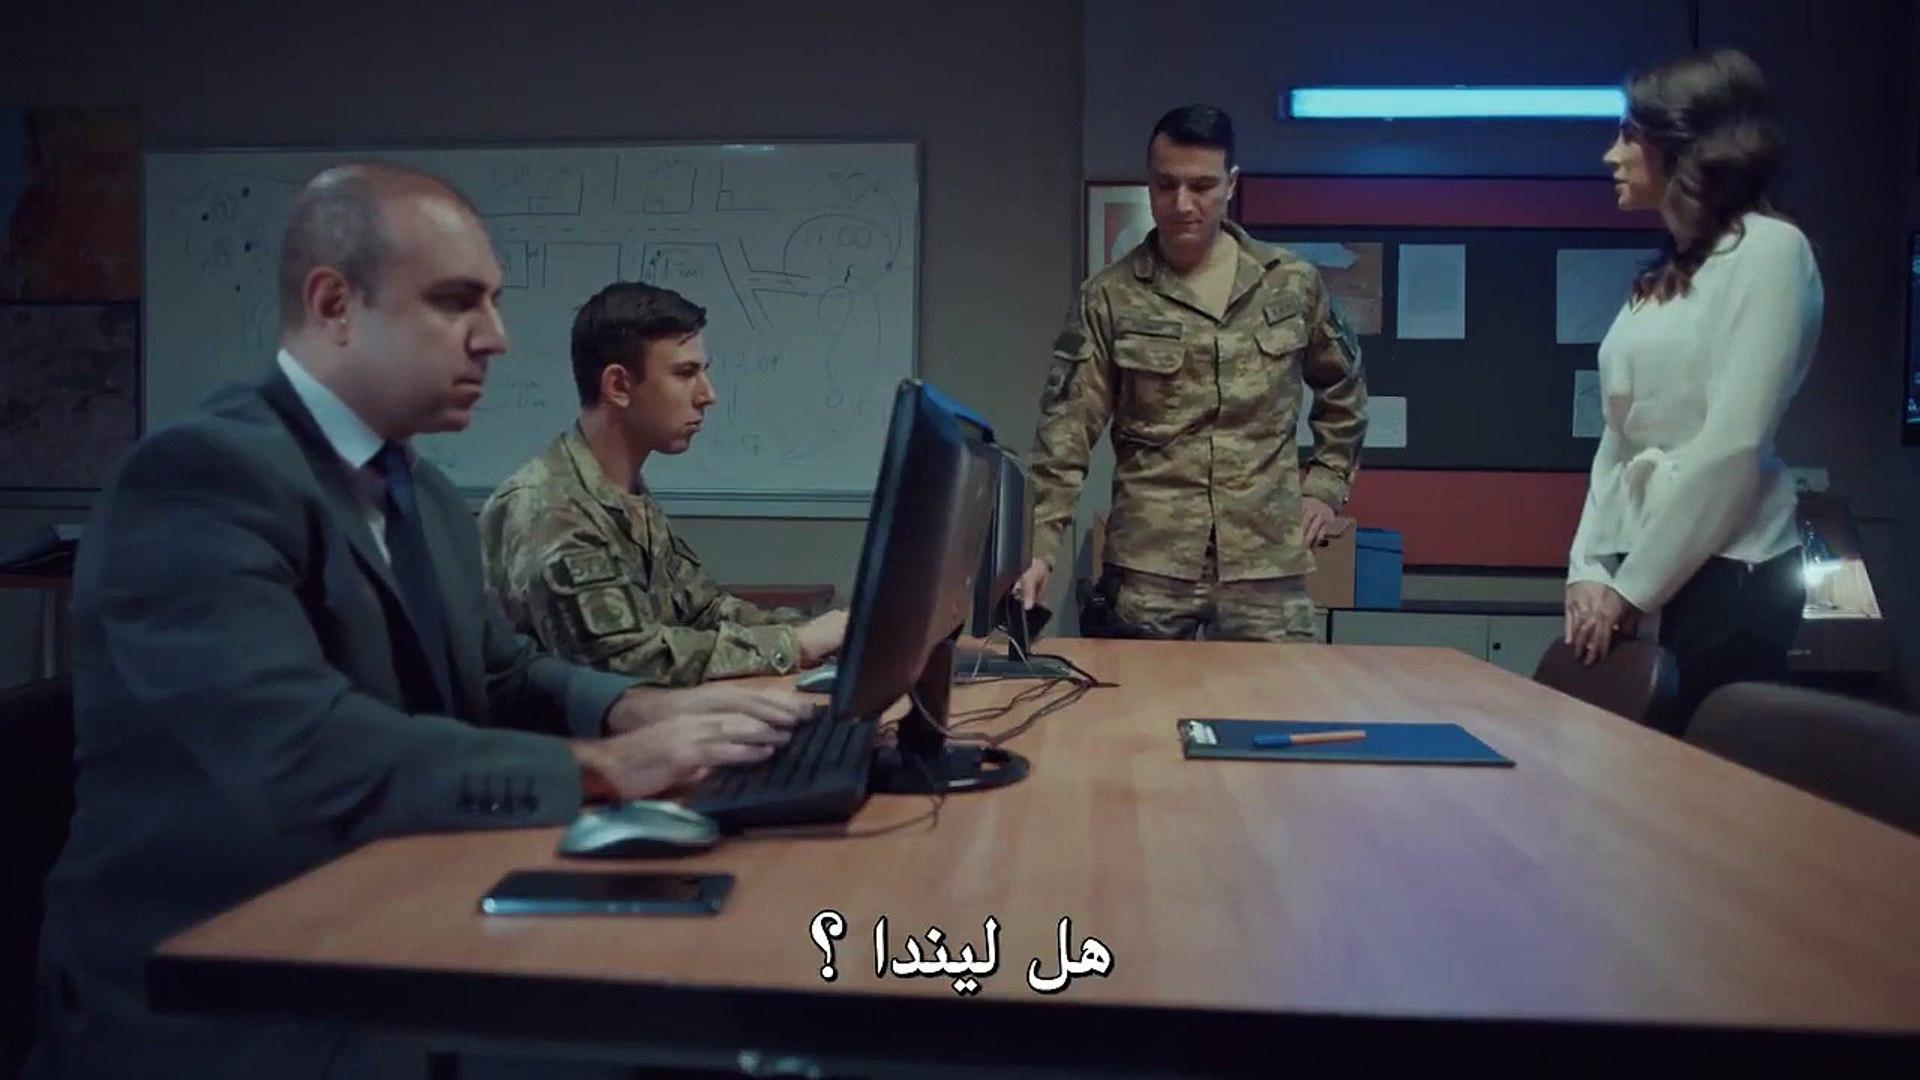 مسلسل العهد الموسم الثالث الحلقة 32 قسم 2 مترجمة للعربية